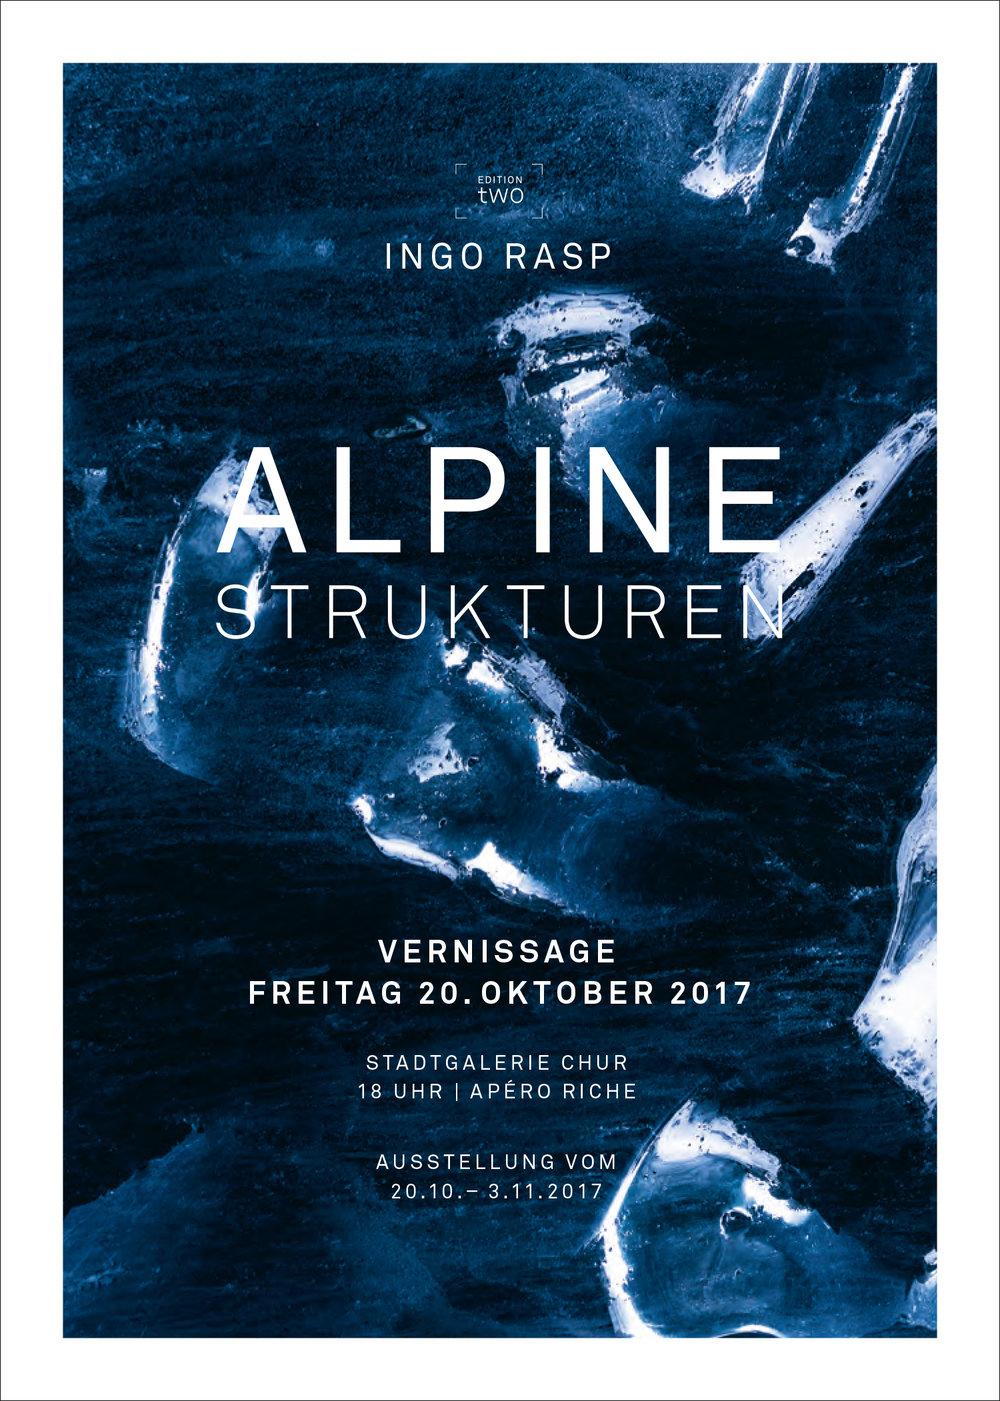 AlpineStrukturen_EditionTwo_StadtgalerieChur.jpg